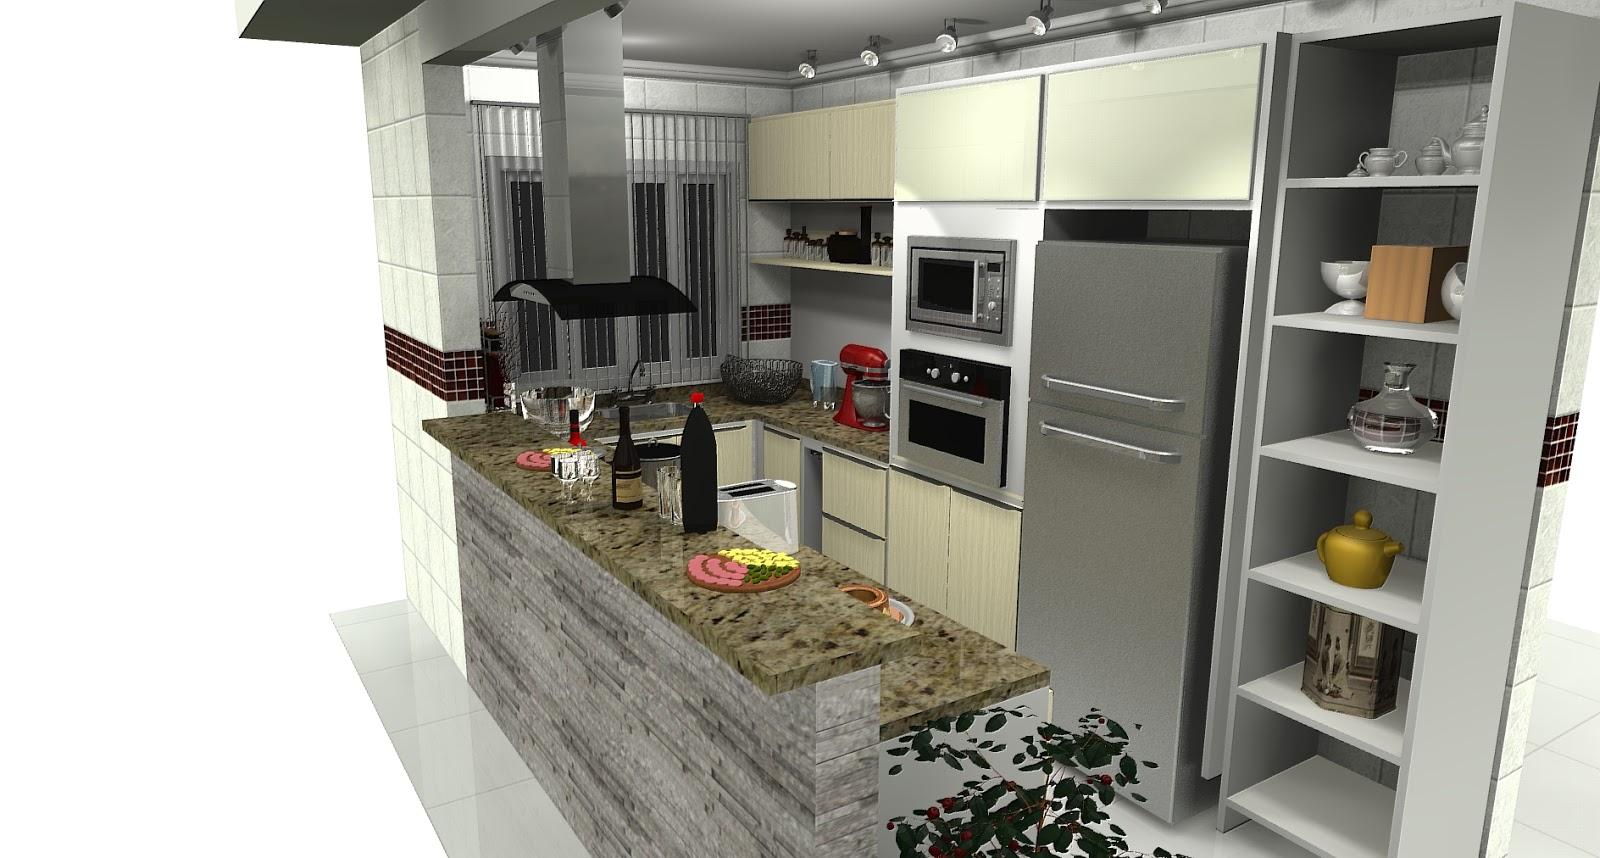 #8F6E3C  For Fotos De Cozinhas Conjugadas Copa E Cozinha Projetos Pelautscom 1600x858 px Projetos De Cozinhas Conjugadas Com Copa #489 imagens